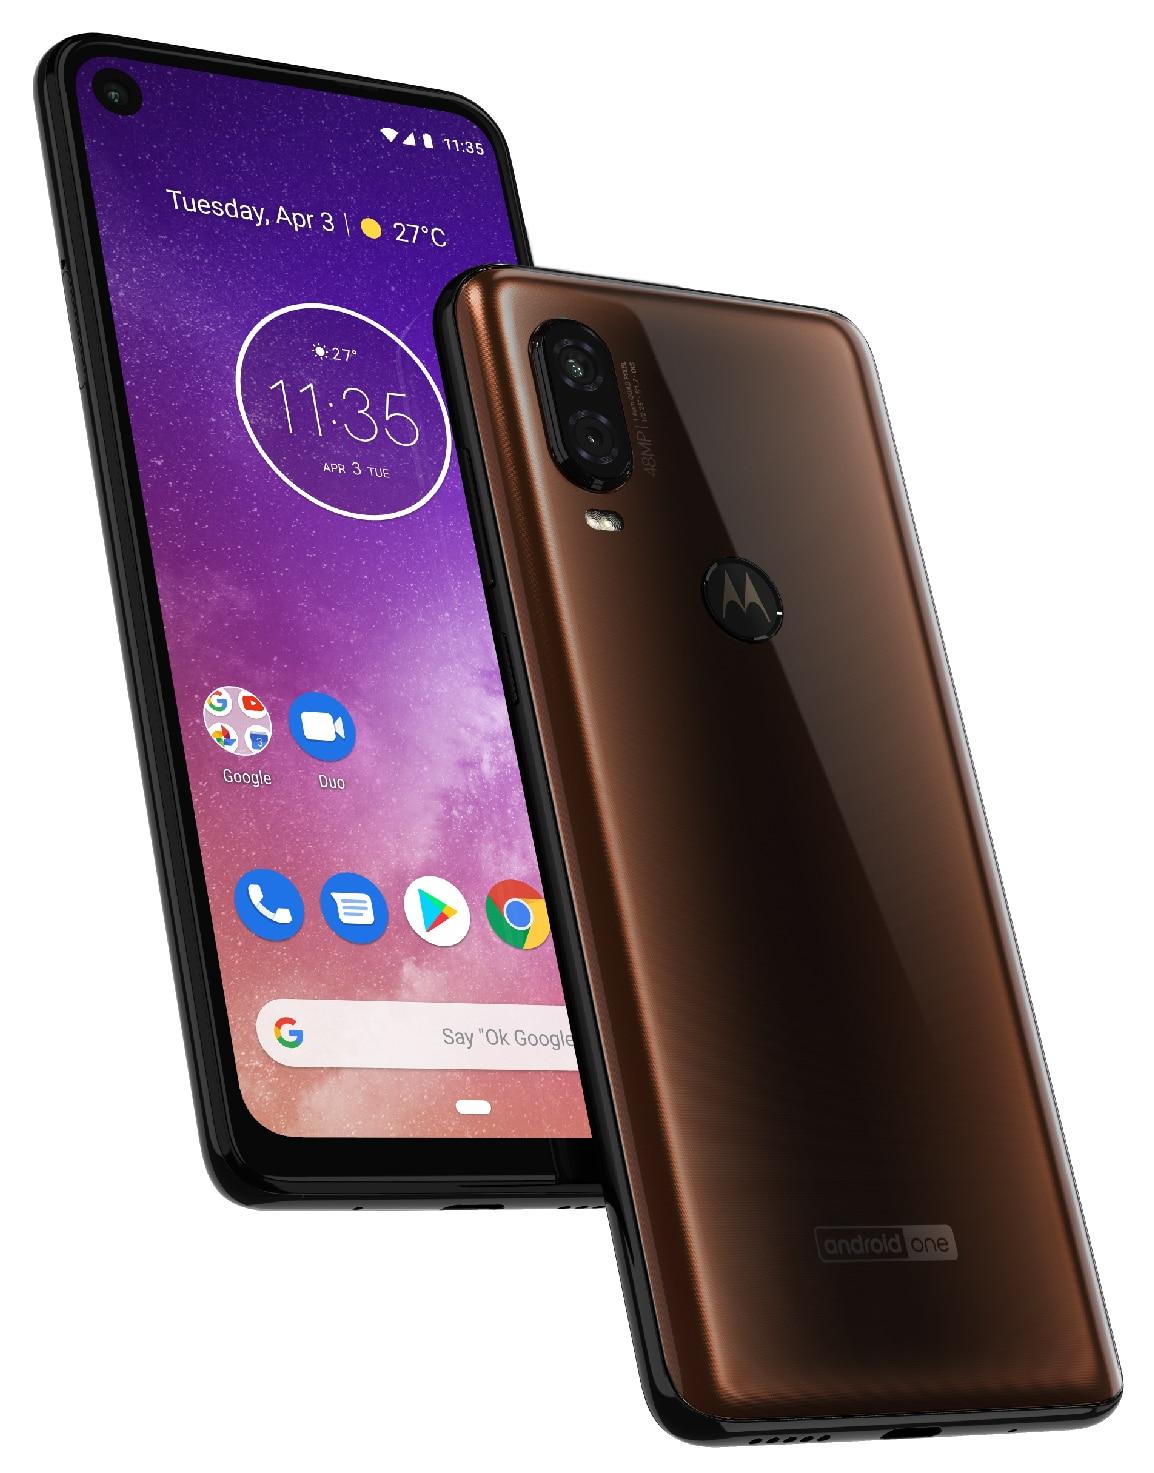 El Motorola One Vision se filtra, revela el diseño delantero y trasero